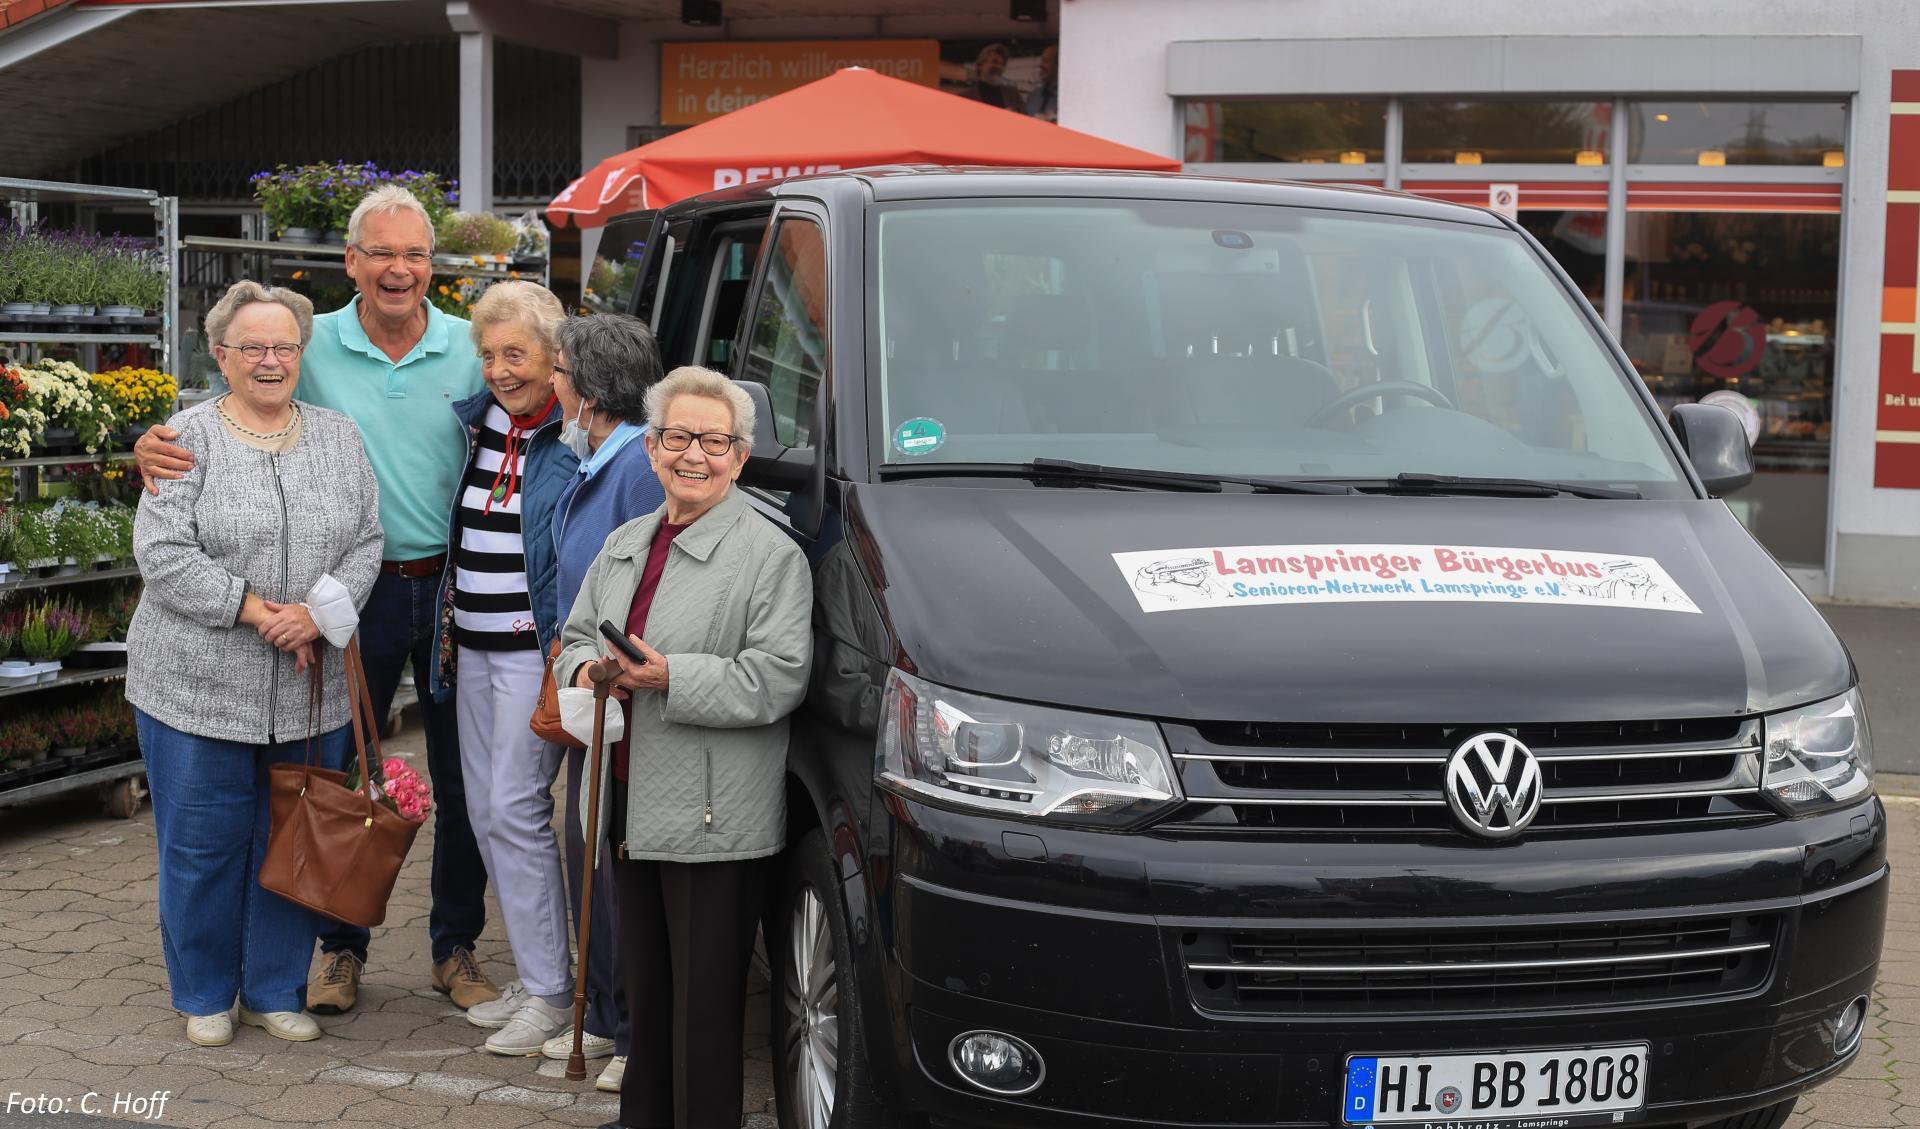 Bürgerbus m N